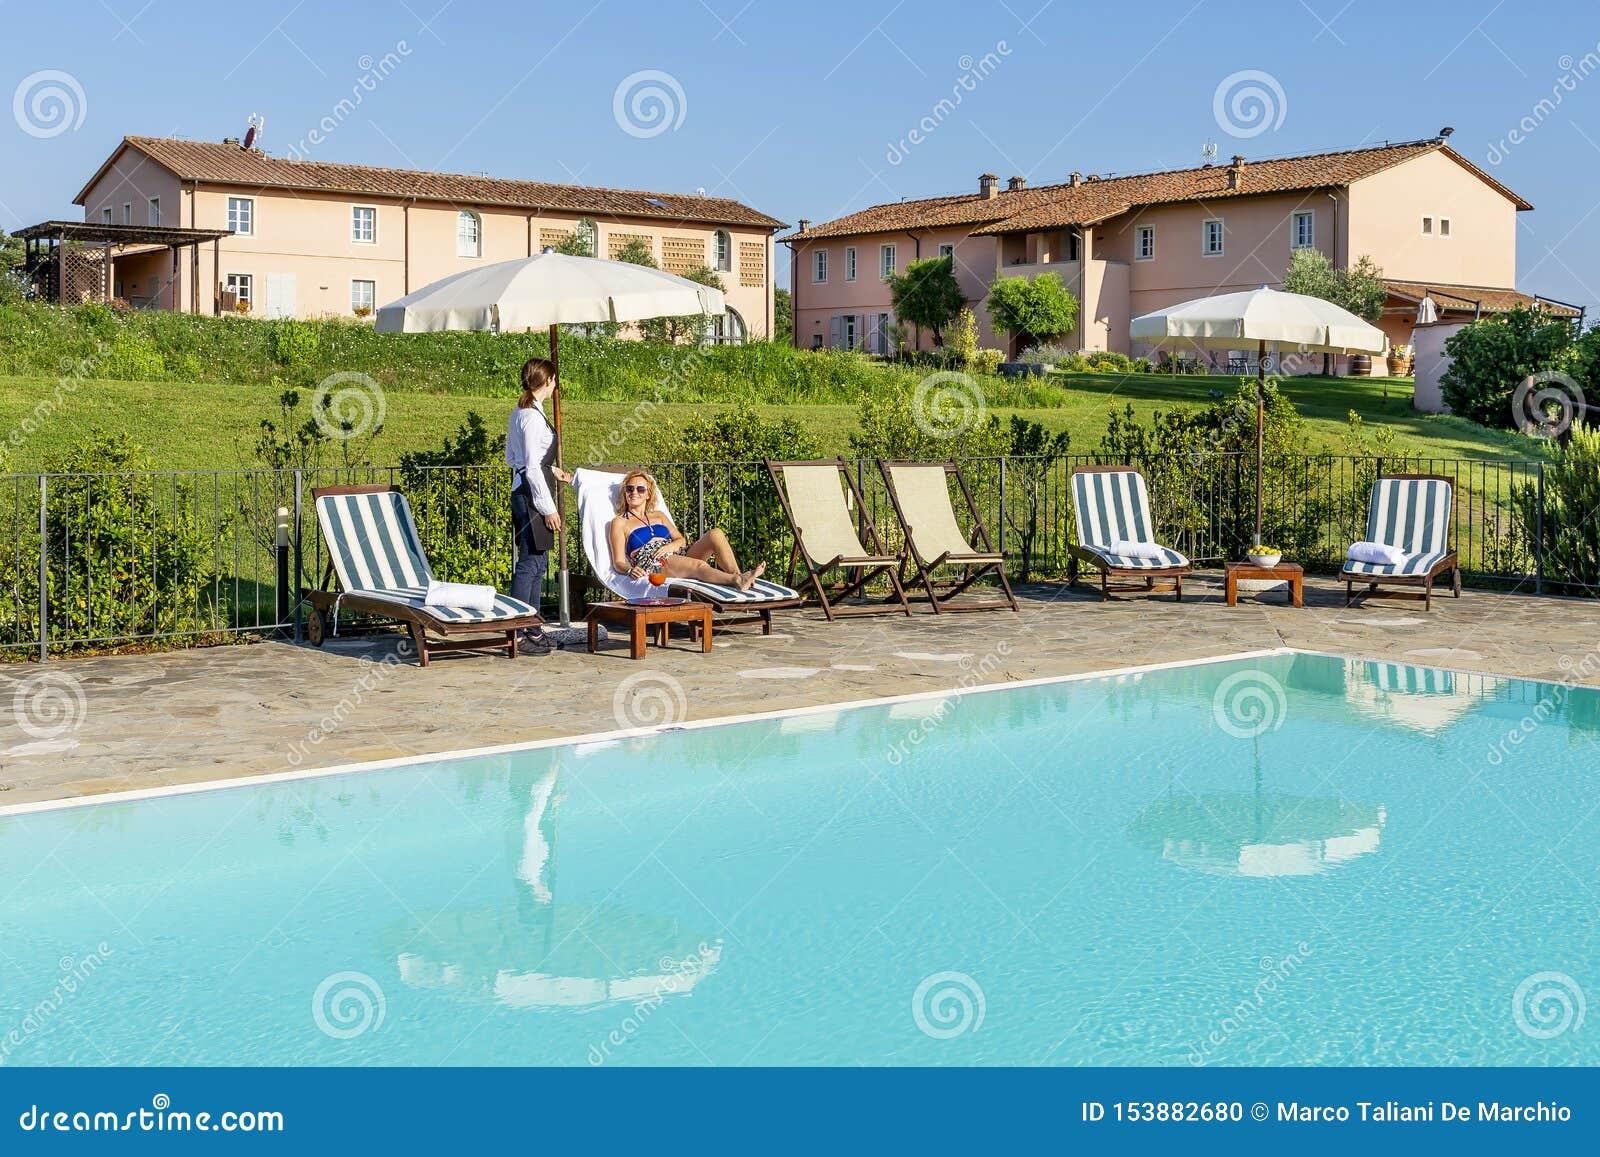 Молодая официантка служит коктейль poolside к клиенту сидя на lounger в курорте в сельской местности Пизы, Италии